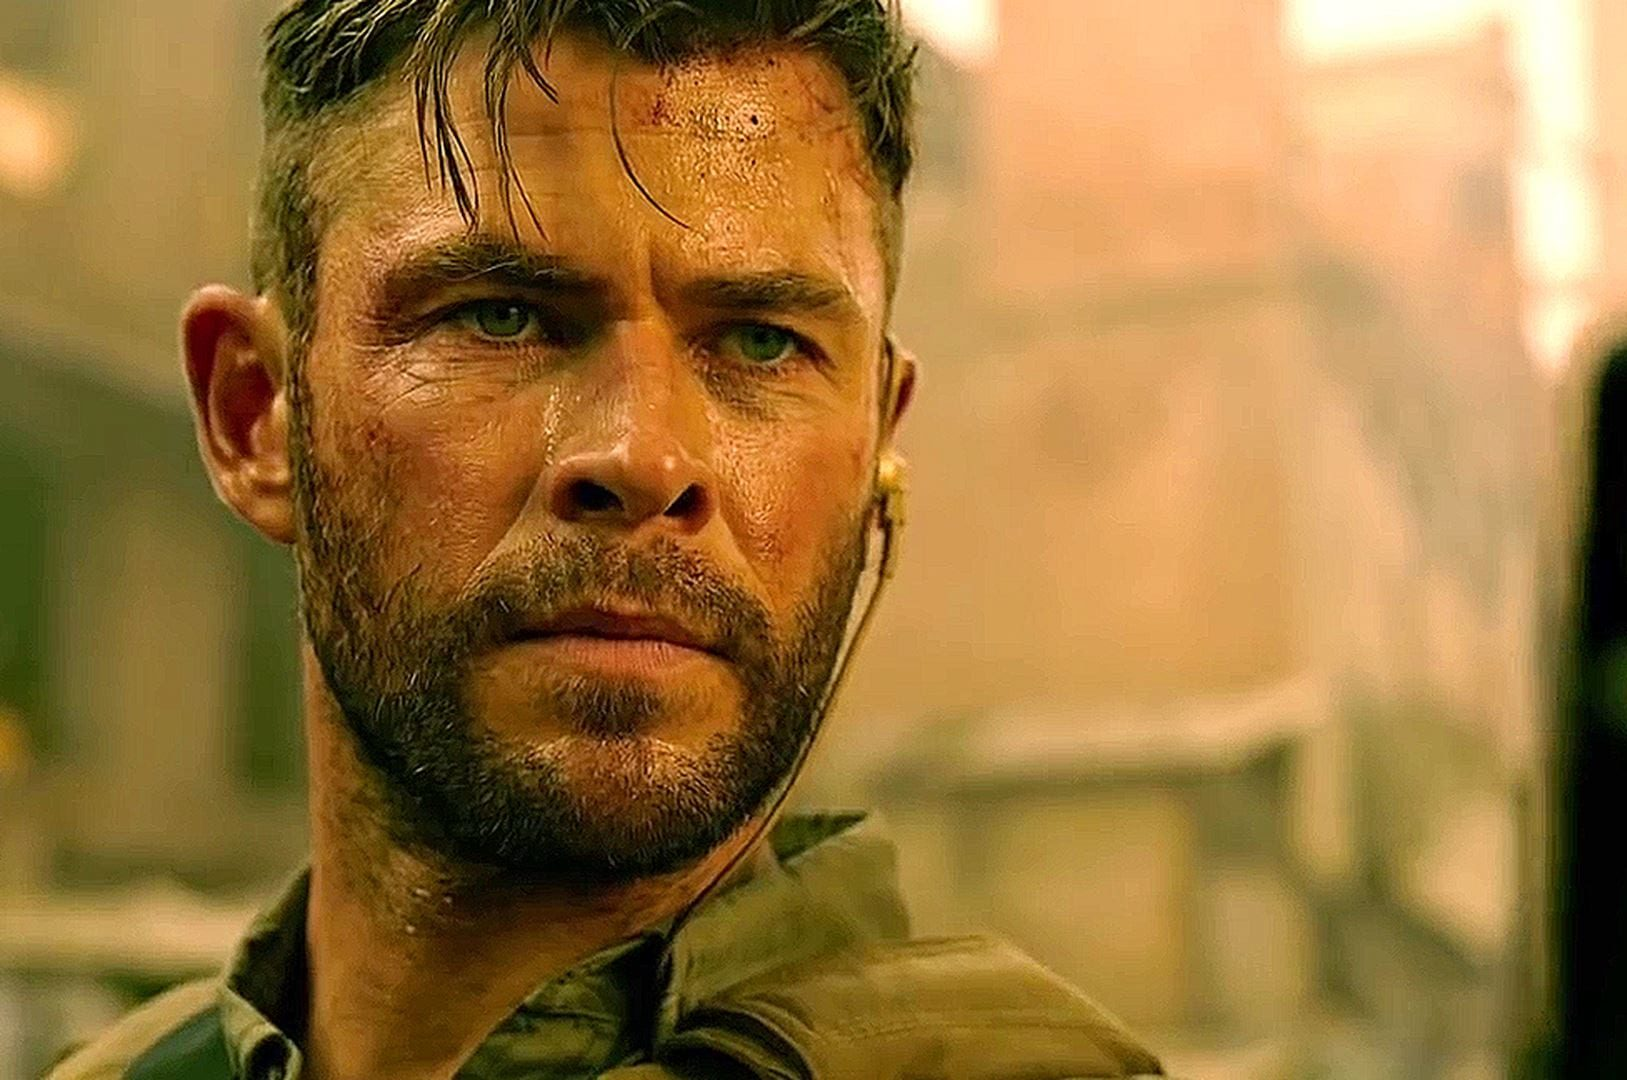 """Critique """"Tyler Rake"""" de Sam Hargrave : quand Chris Hemsworth remplace le marteau par la mitraillette"""